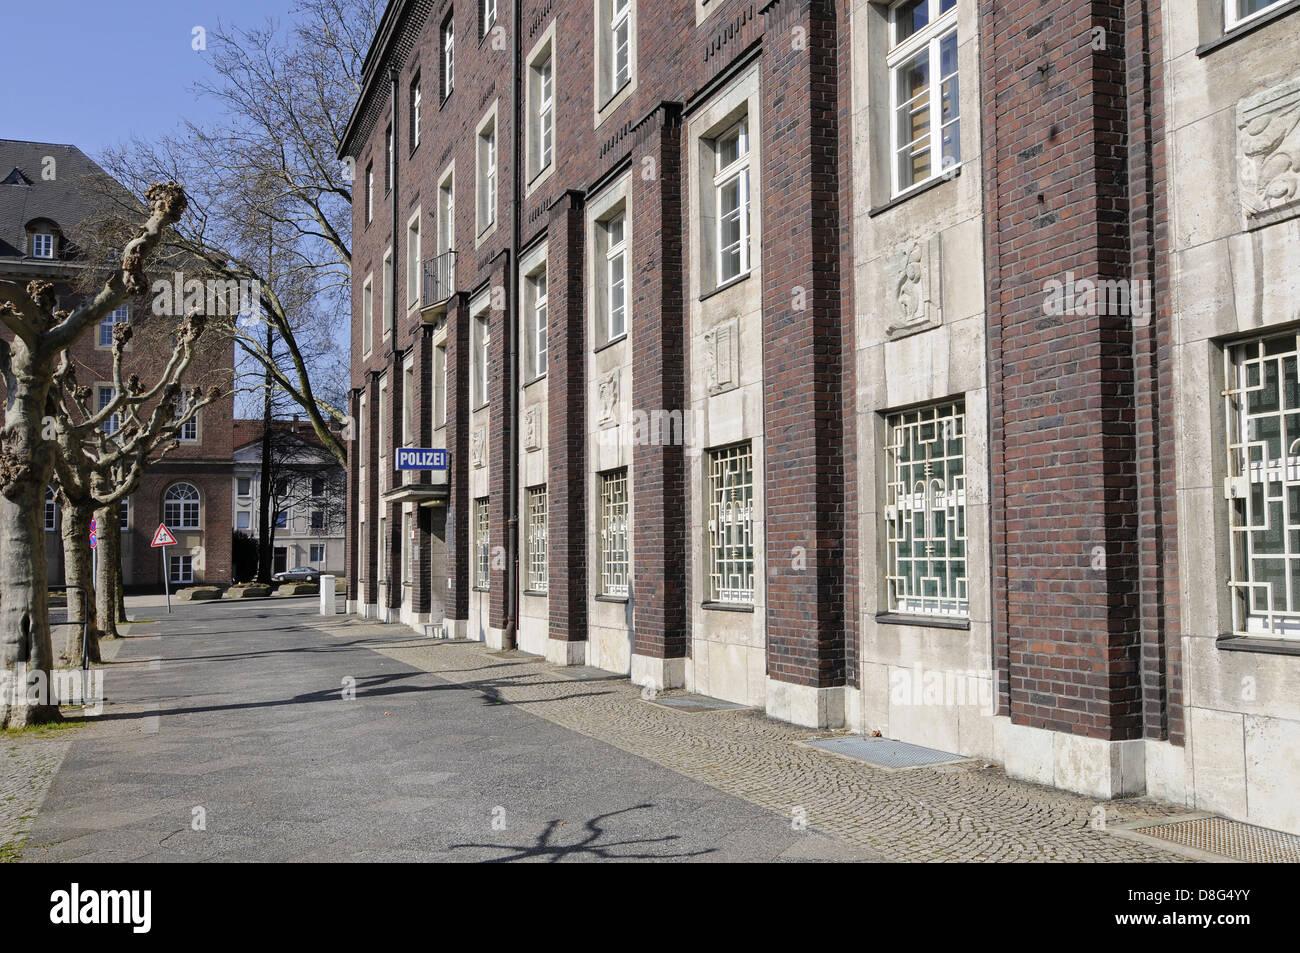 police headquarters Stock Photo